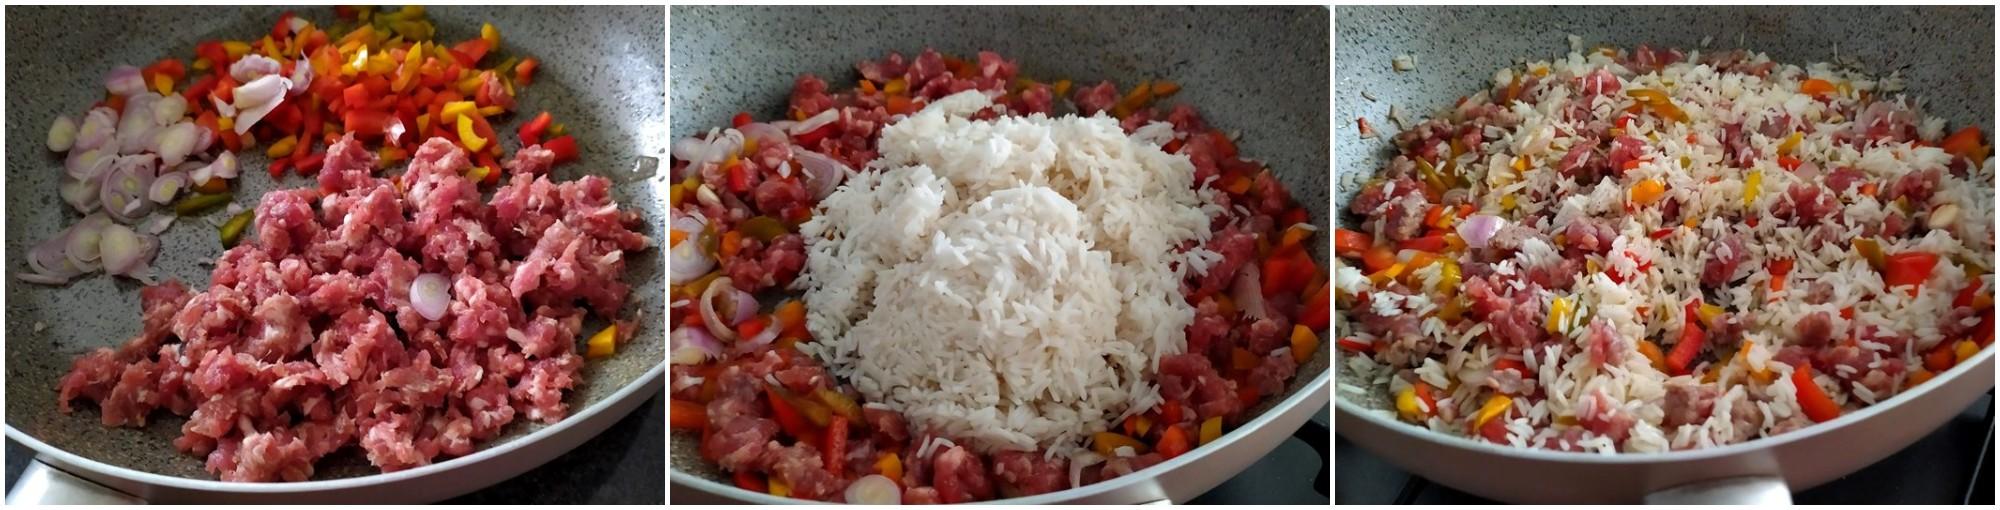 Peperoni al forno con riso e salsiccia